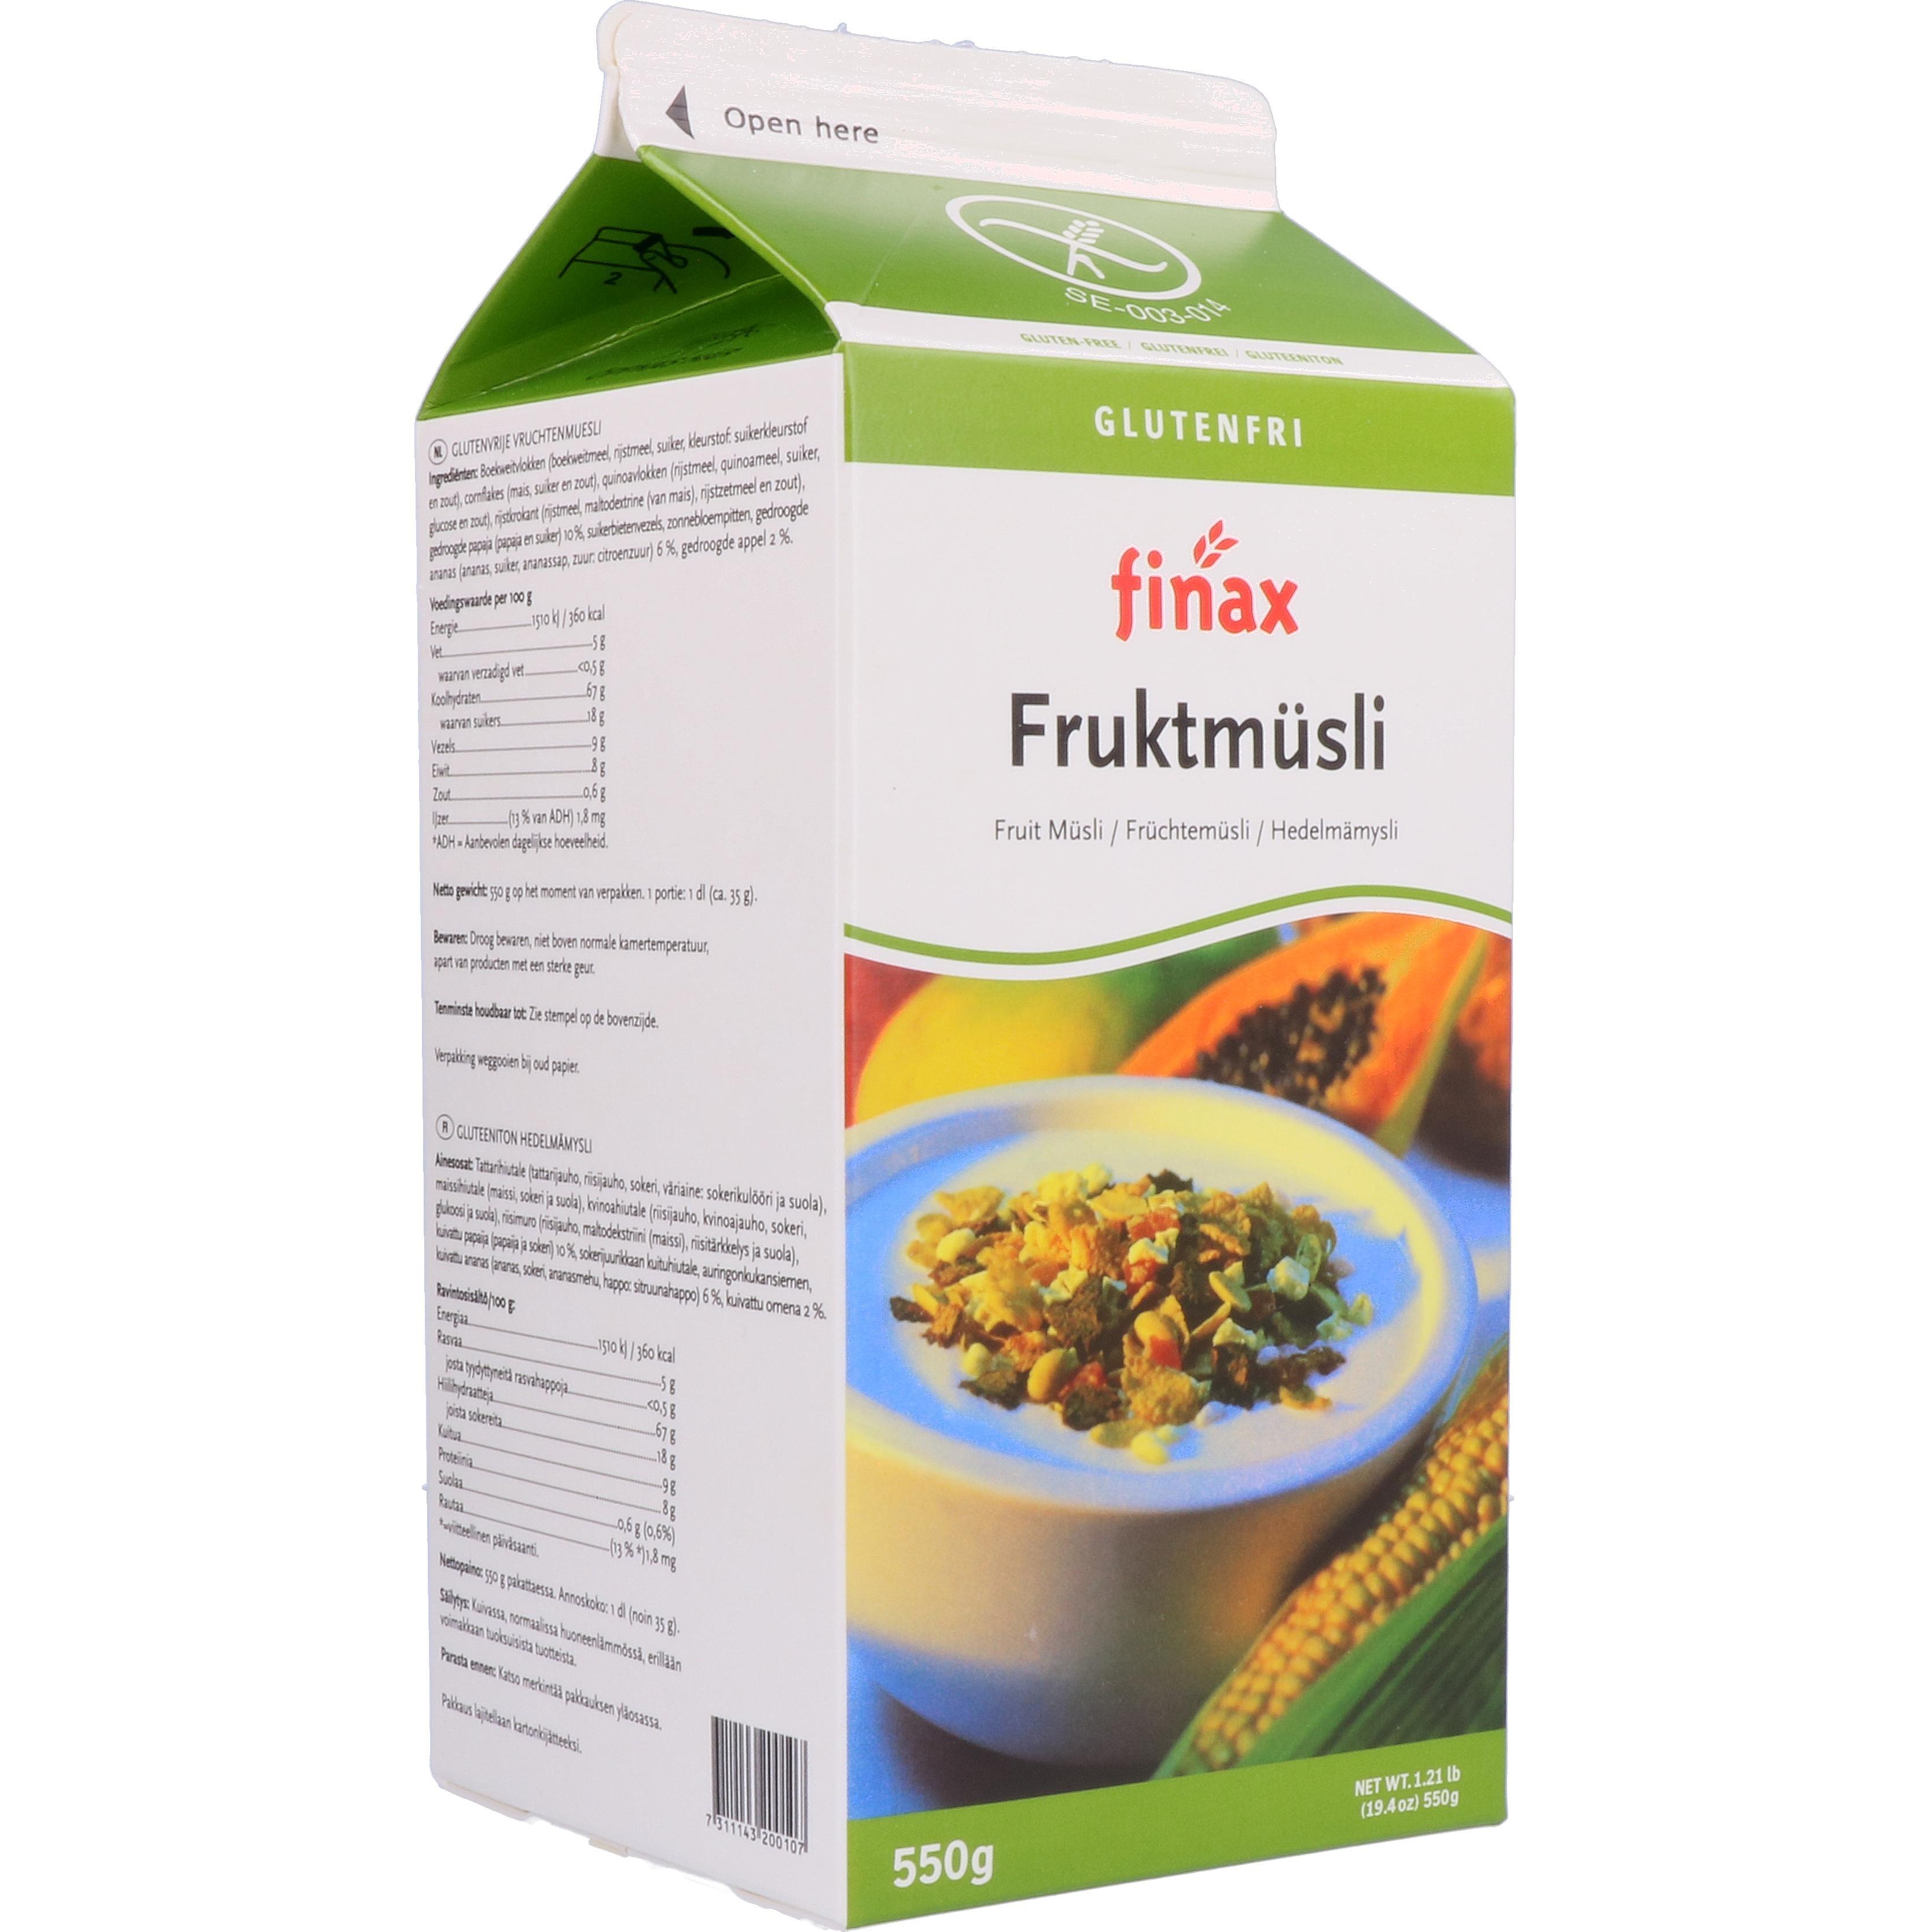 Finax Fruktmüsli - Früchtemüsli 550g